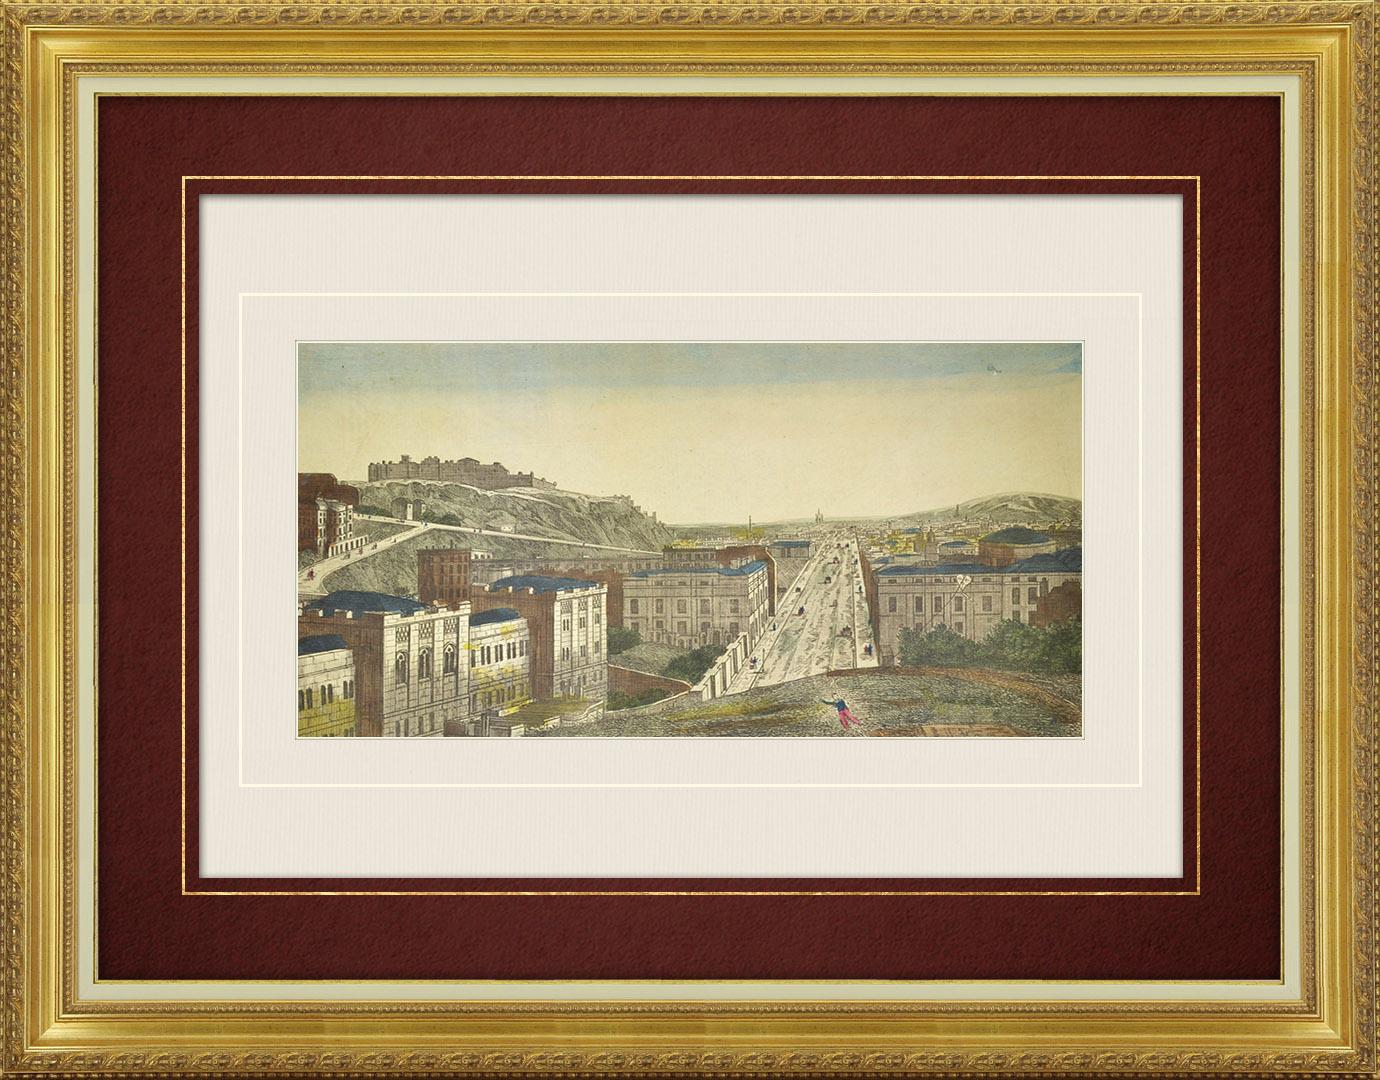 Veduta ottica del 19 secolo a colori d'epoca del Castello di Edimburgo e High Street (Scozia)